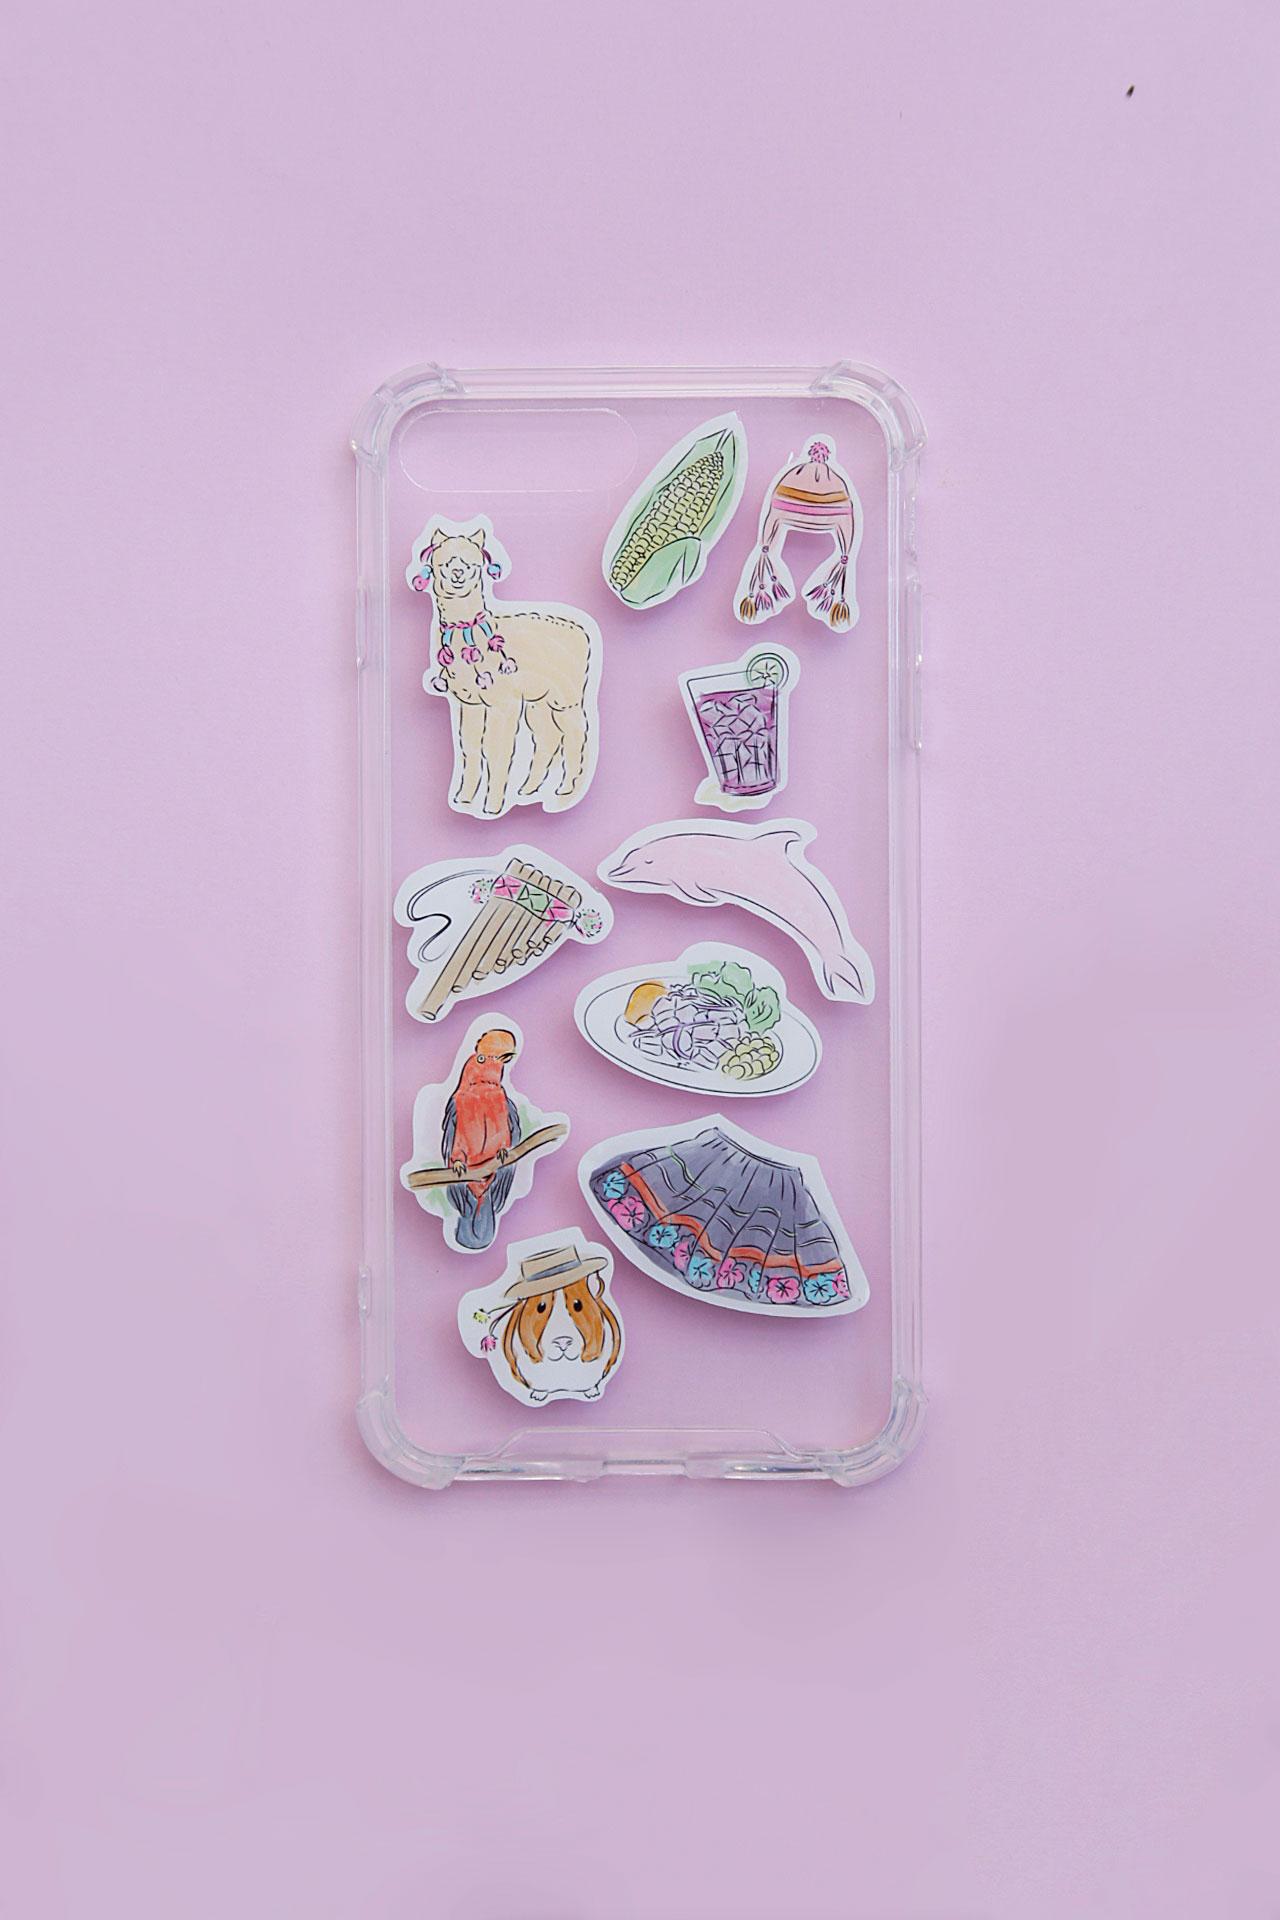 Case de celular para Iphone 7/8, 7/8 Plus, X/XS y 11 pro maxdiseñado para decorar y proteger tu celular con una temática que recoge elementos peruanos super chicks.